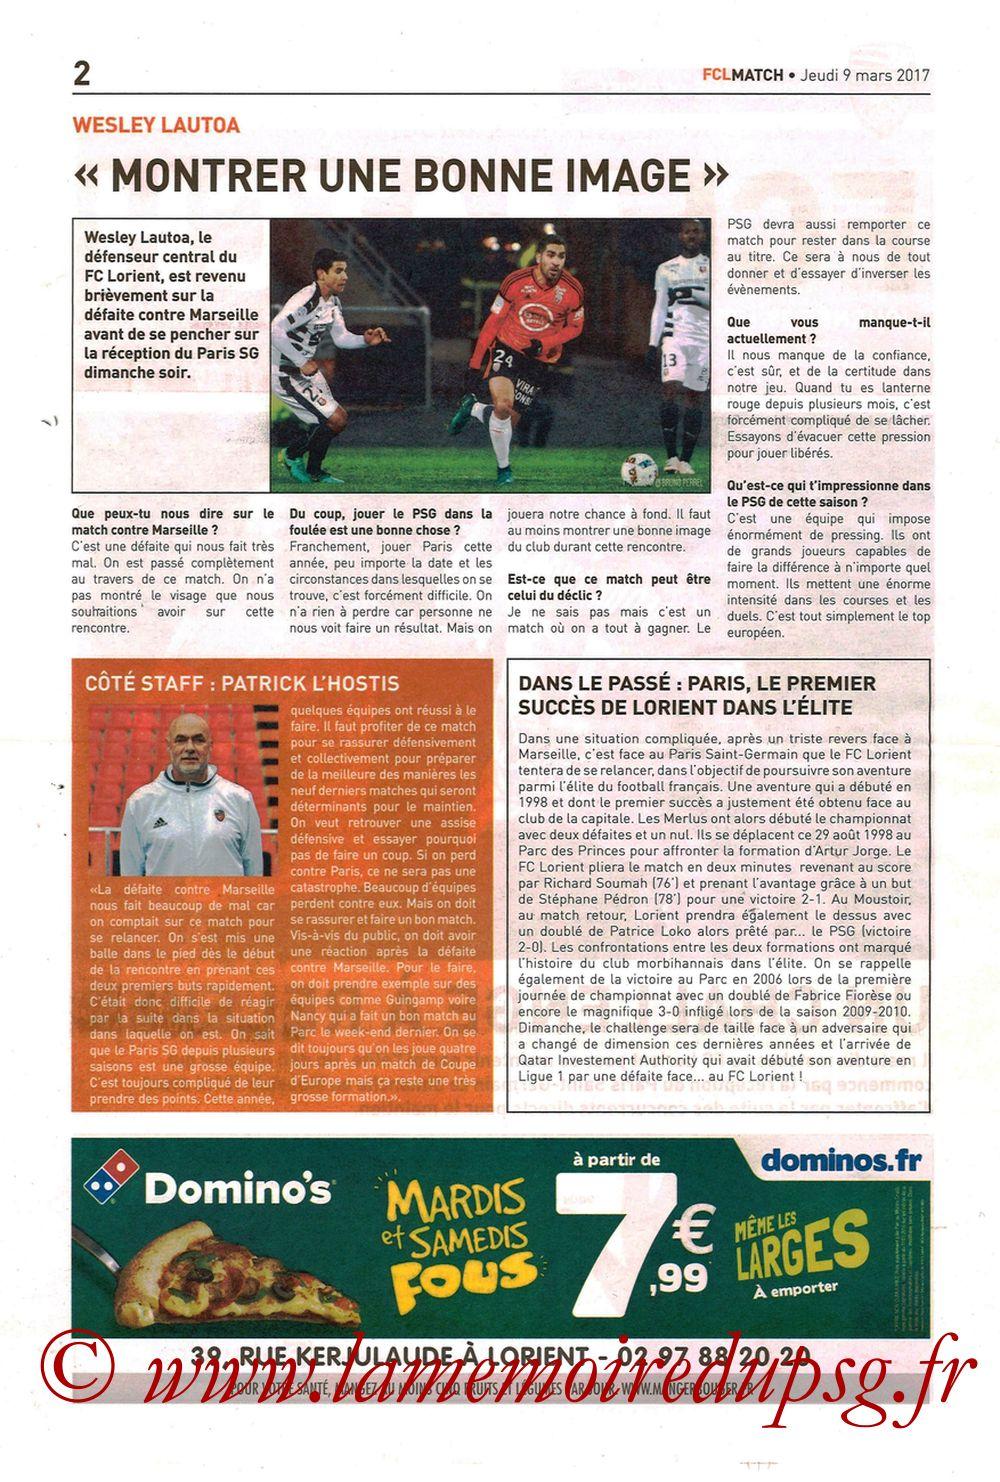 2017-03-12  Lorient-PSG (29ème L1, FCL Match) - Page 02